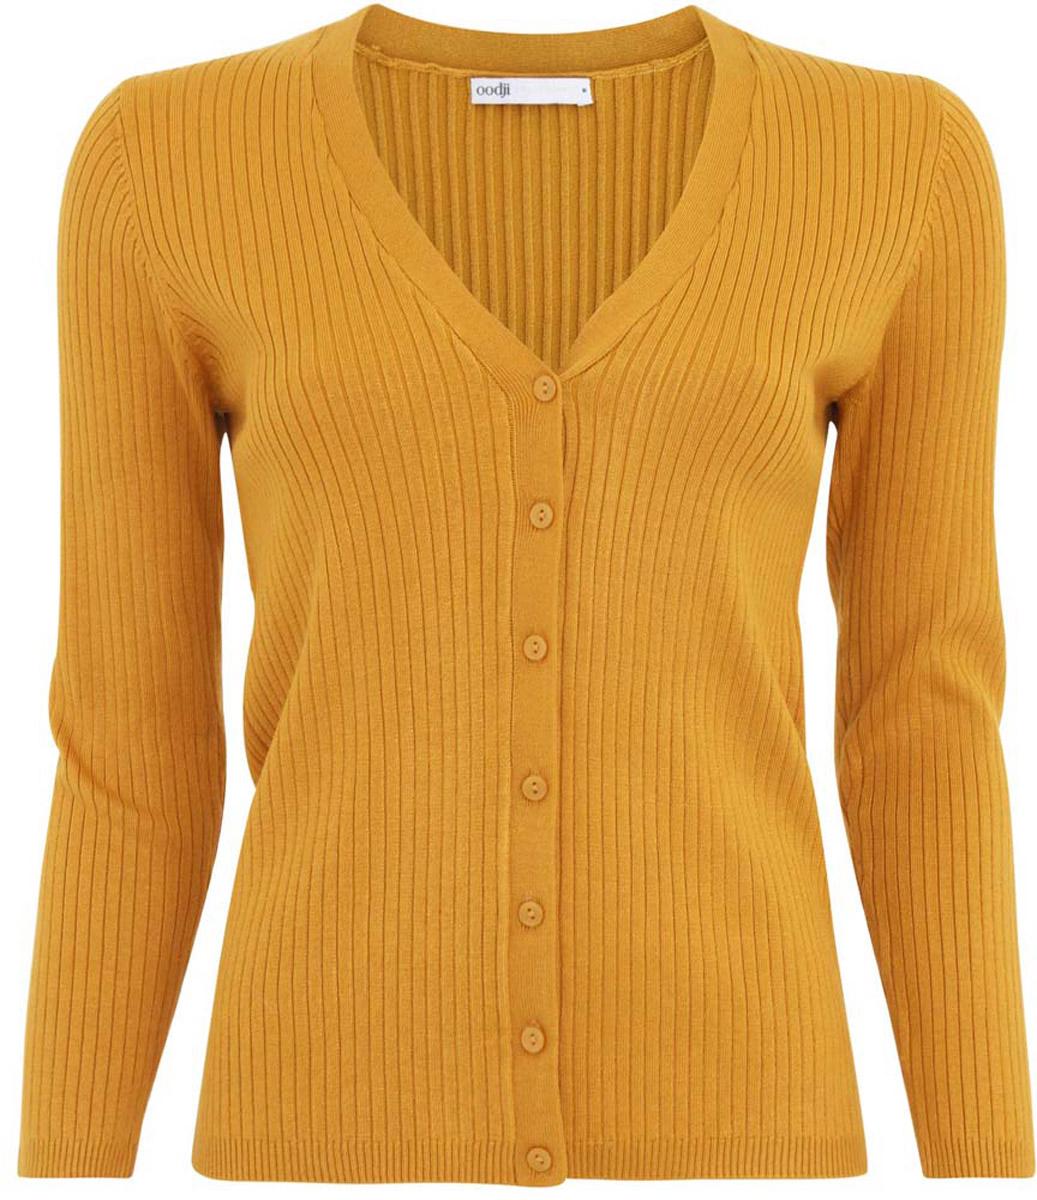 Жакет женский oodji Collection, цвет: желтый. 73212374/42255/5200N. Размер M (46)73212374/42255/5200NТрикотажный жакет oodji изготовлен из качественного смесового материала. Модель с длинными рукавами застегивается на пуговицы по всей длине.